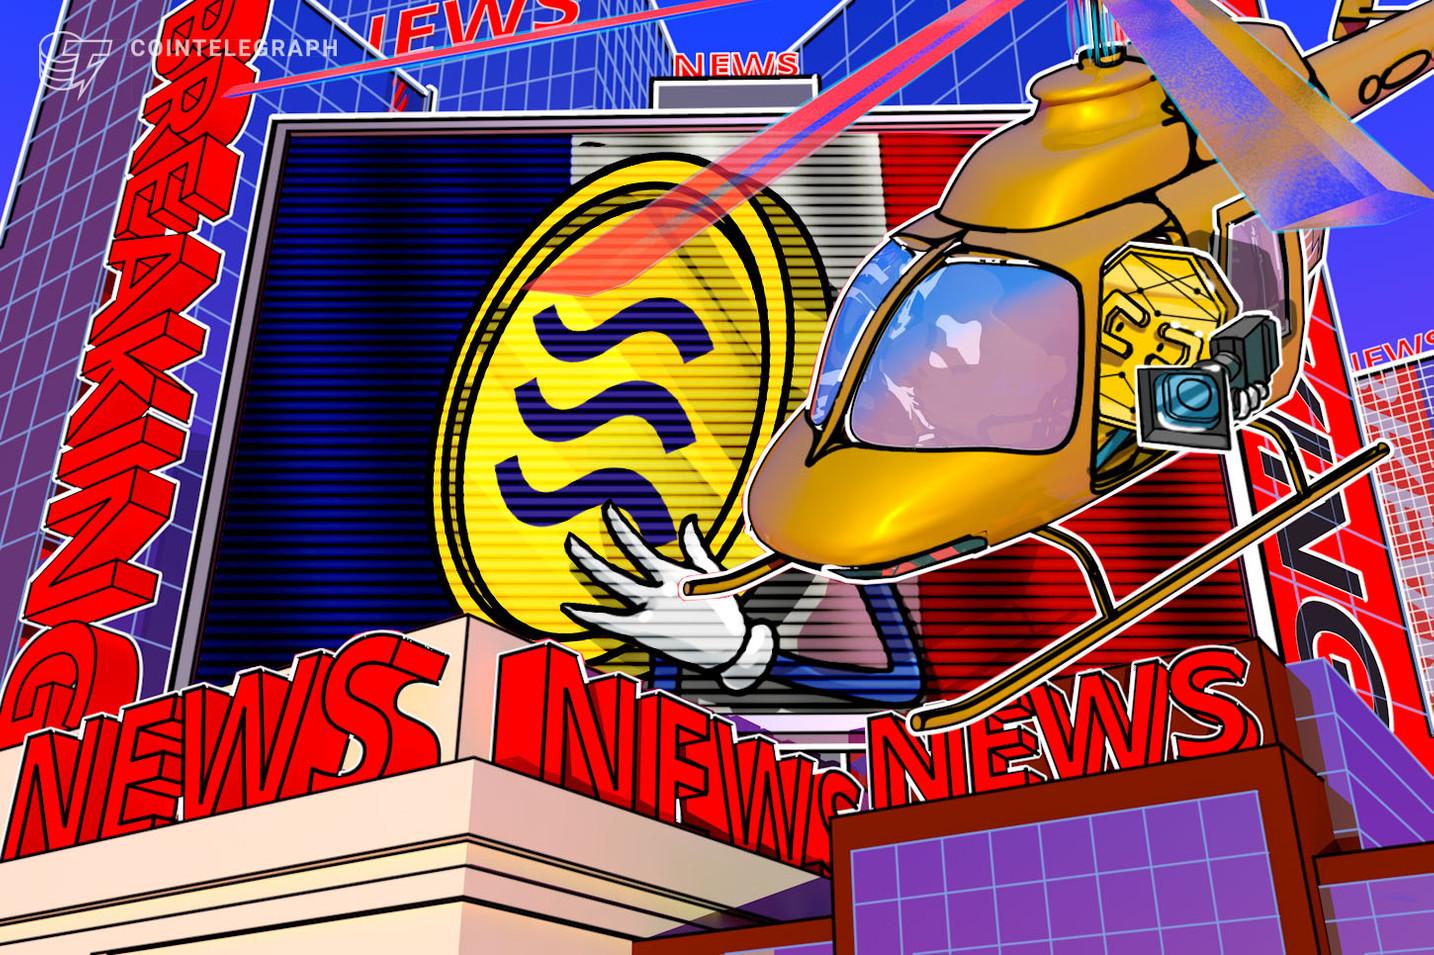 仏財務相「欧州でリブラの開発を認めない」 フェイスブックの独自仮想通貨に逆風